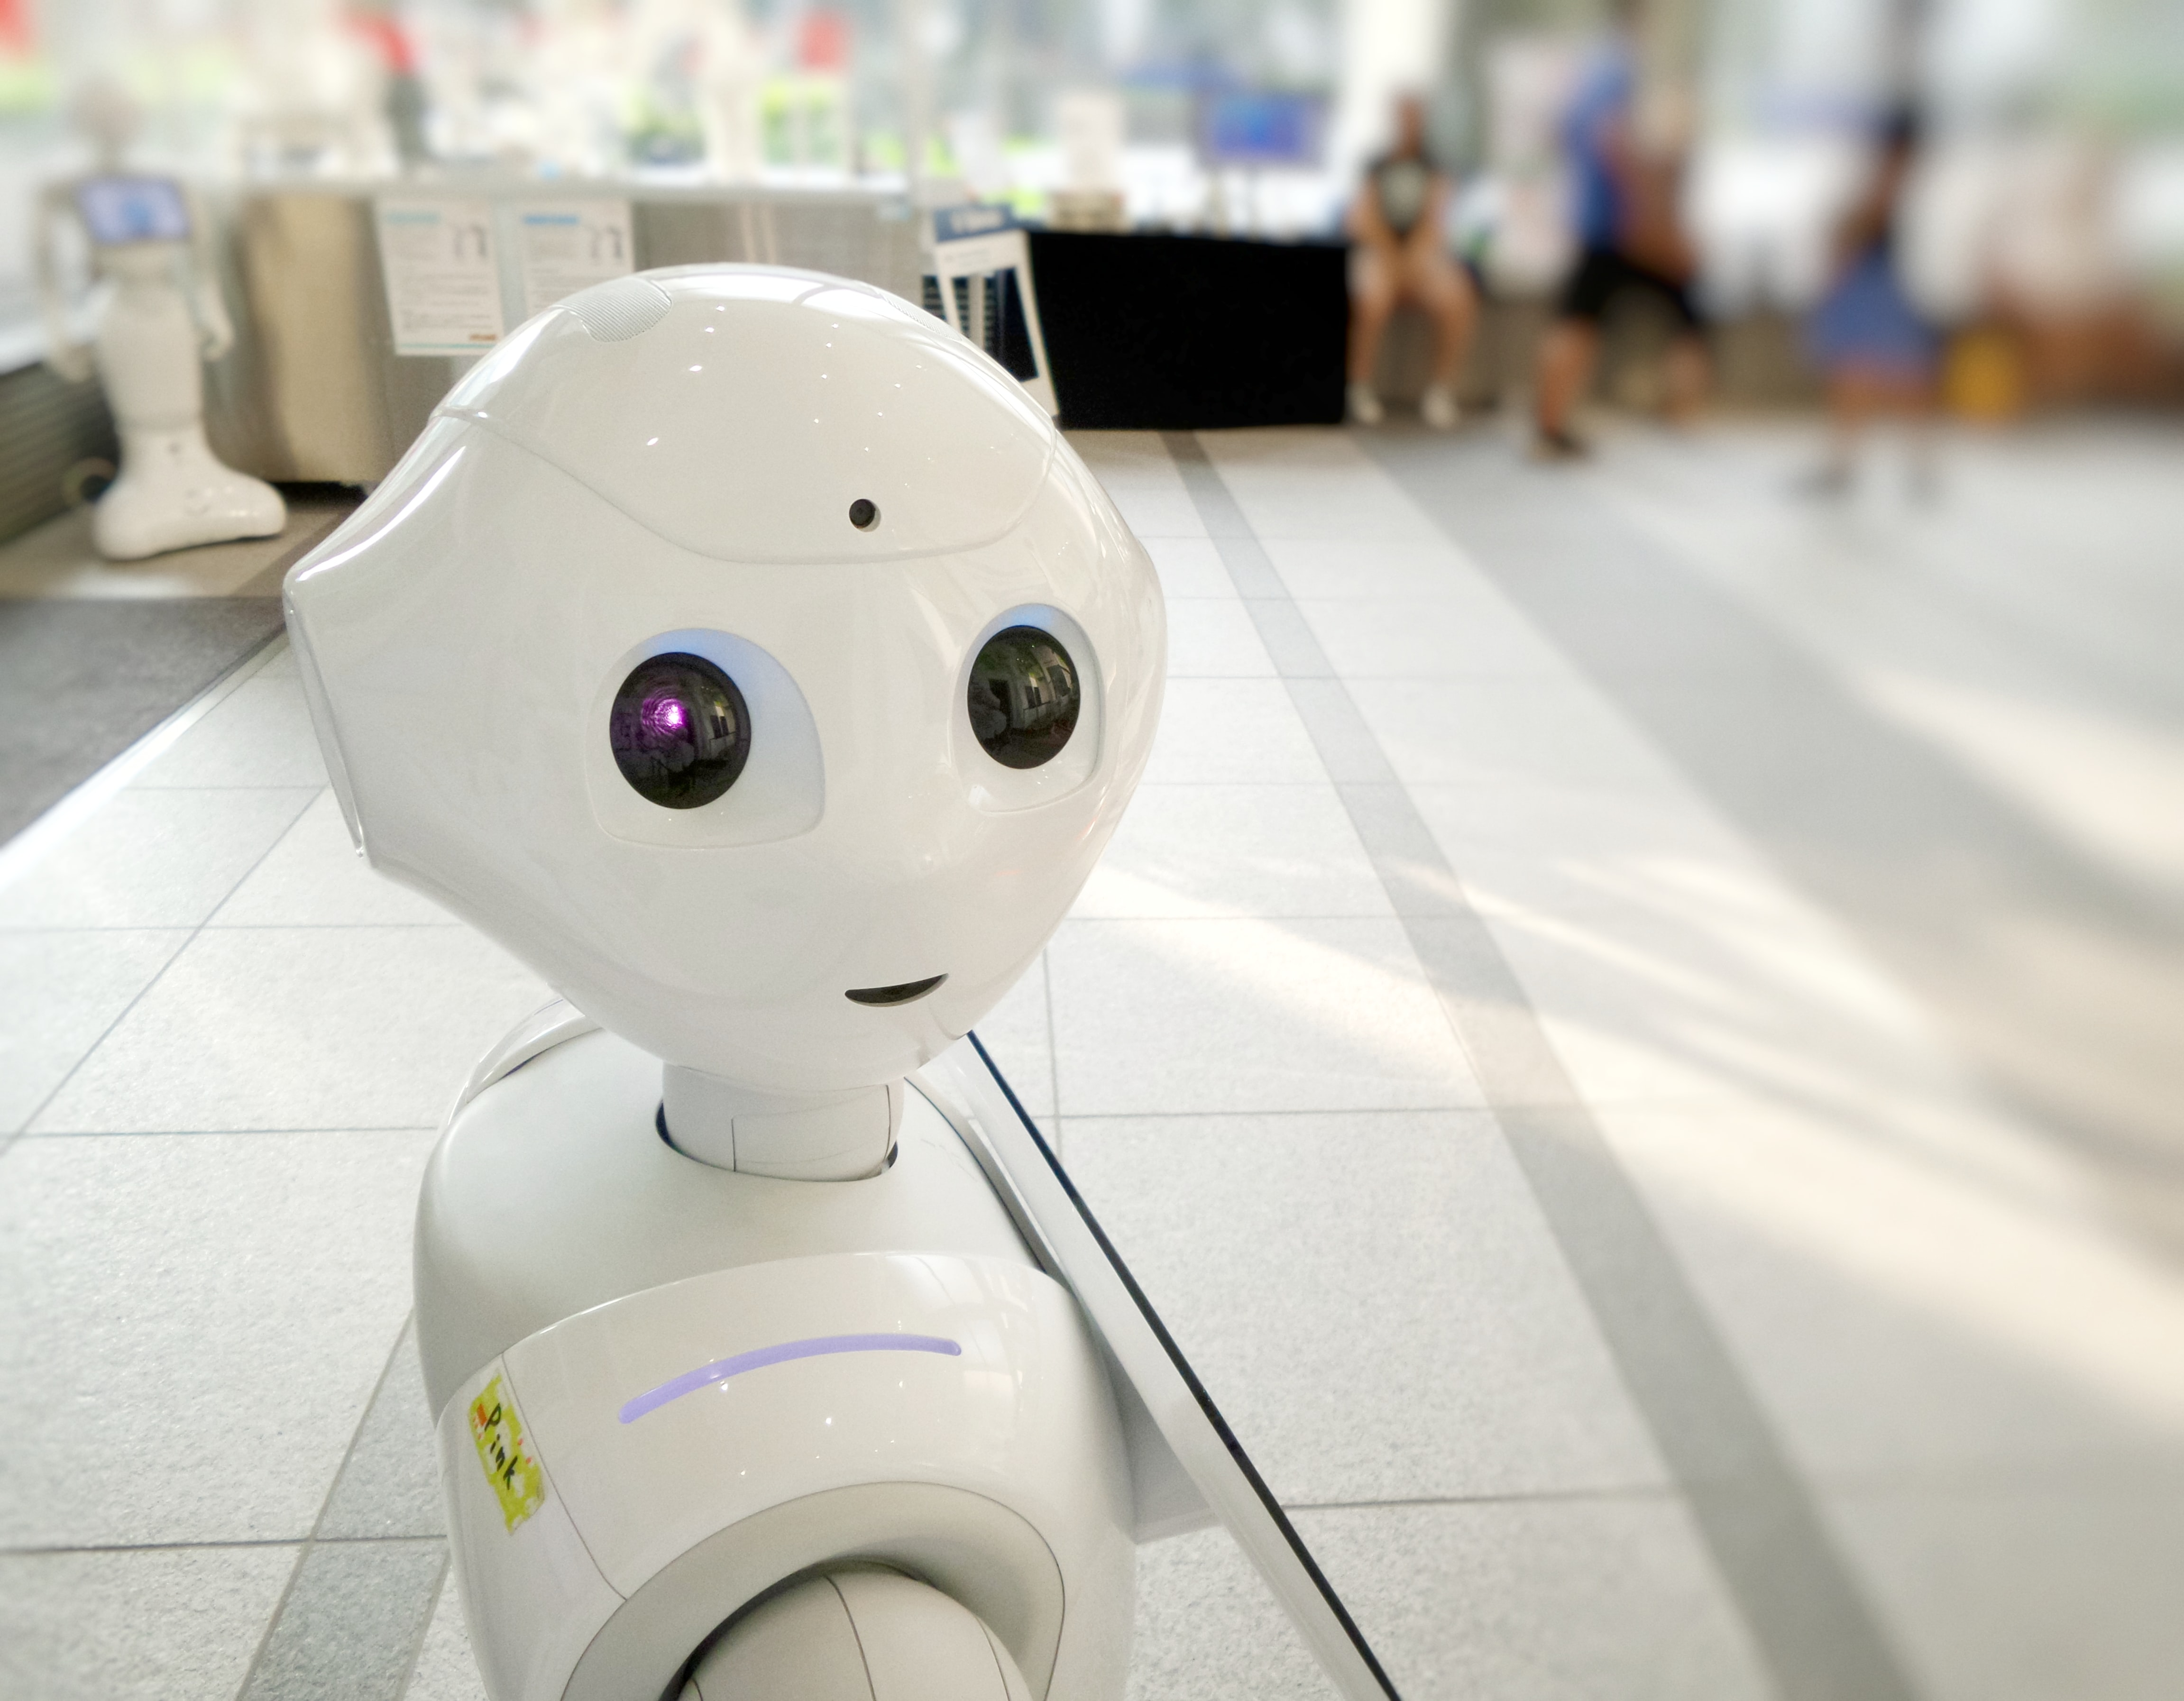 Intel·ligència artificial i robòtica per afrontar el coronavirus